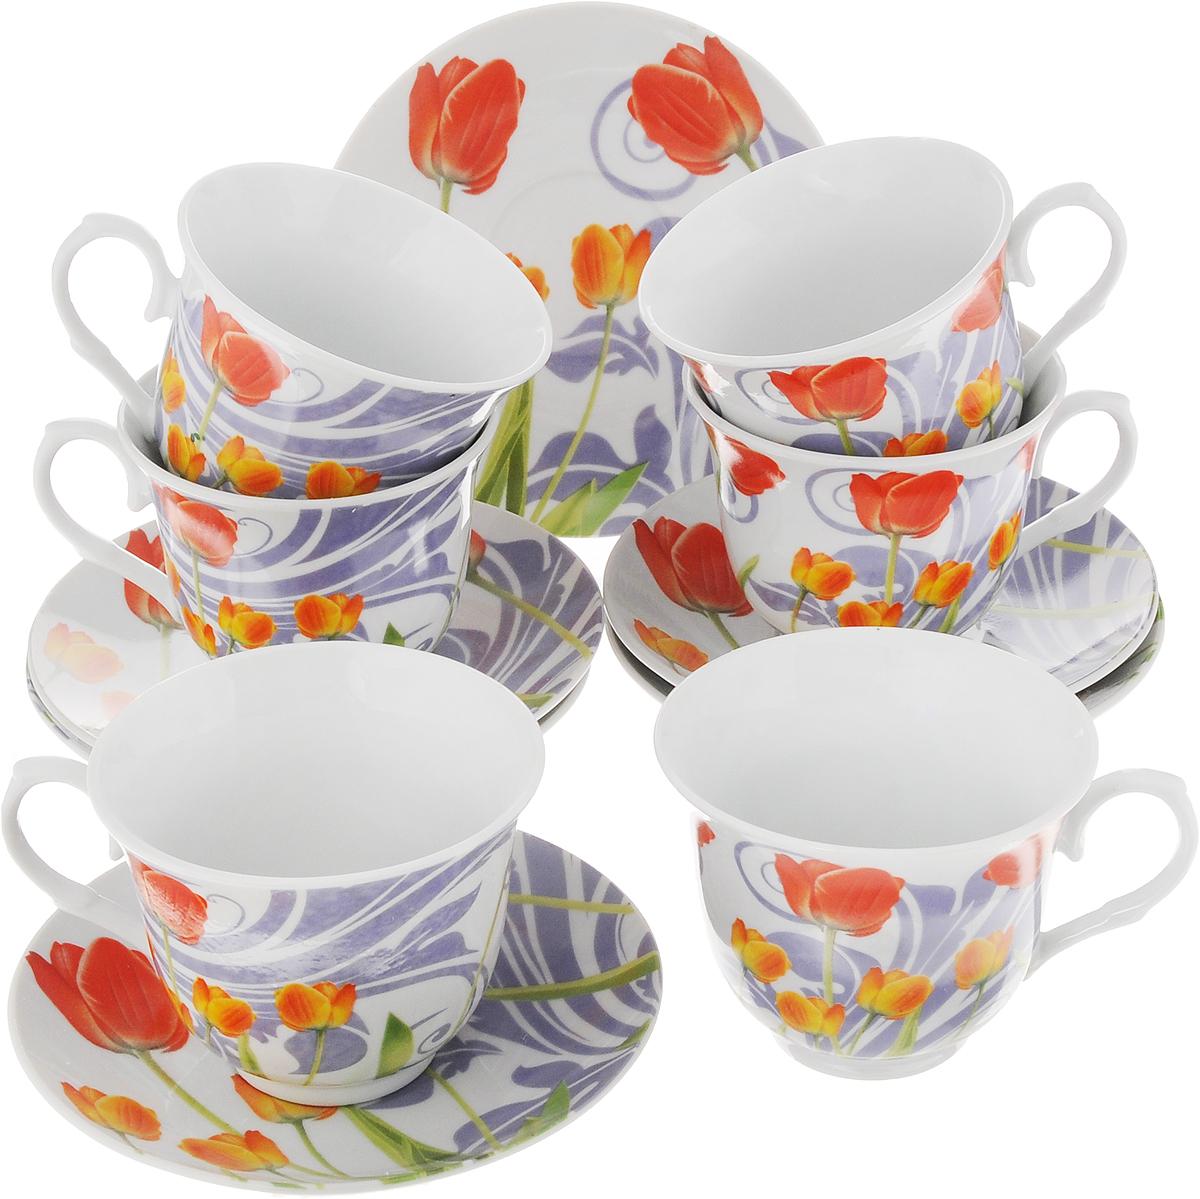 Набор чайный Bella Тюльпаны, 12 предметовDL-RP6-156Чайный набор Bella состоит из 6 чашек и 6 блюдец, изготовленных из высококачественного фарфора. Такой набор прекрасно дополнит сервировку стола к чаепитию, а также станет замечательным подарком для ваших друзей и близких. Объем чашки: 250 мл. Диаметр чашки (по верхнему краю): 9 см. Высота чашки: 7,5 см. Диаметр блюдца: 14 см.Высота блюдца: 1,8 см.